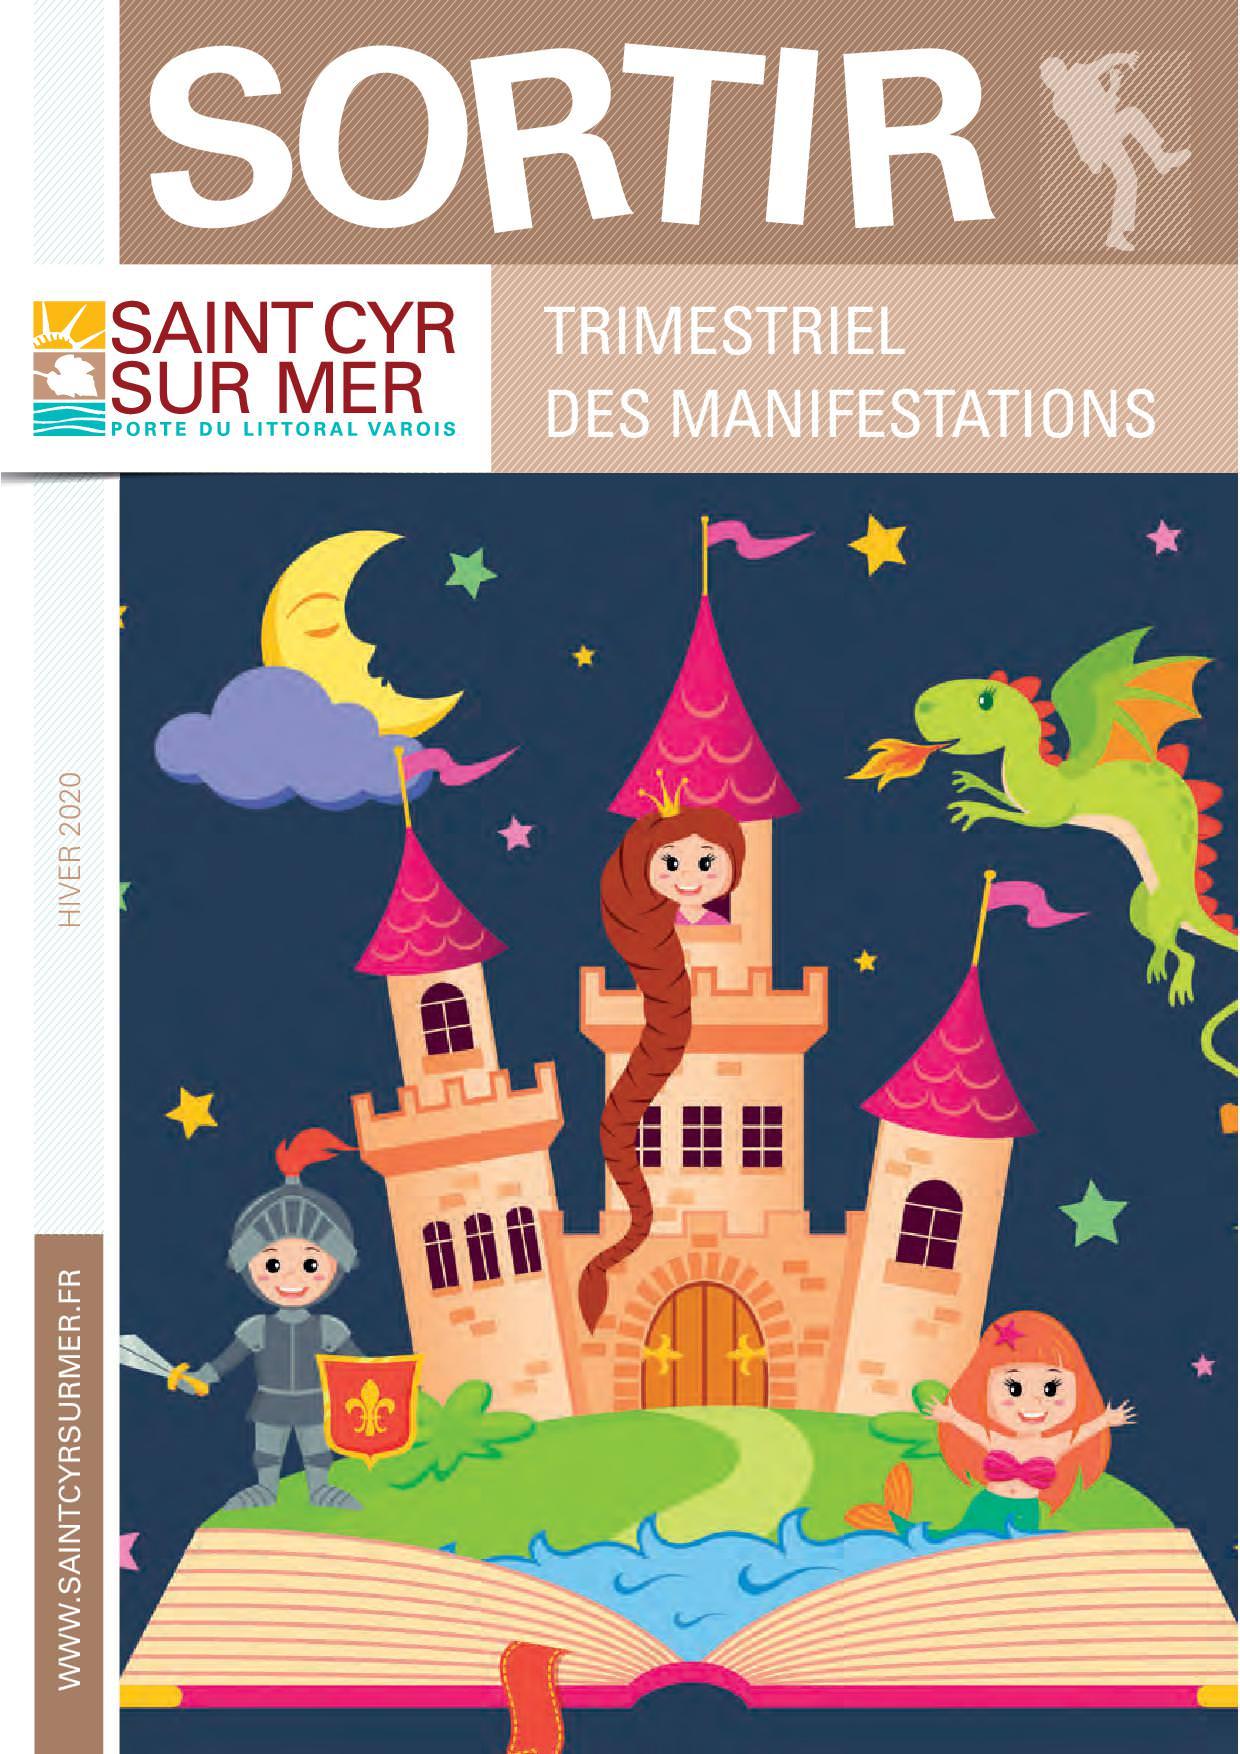 Sortir : Die vierteljährlichen Veranstaltungen in Saint-Cyr-sur-Mer